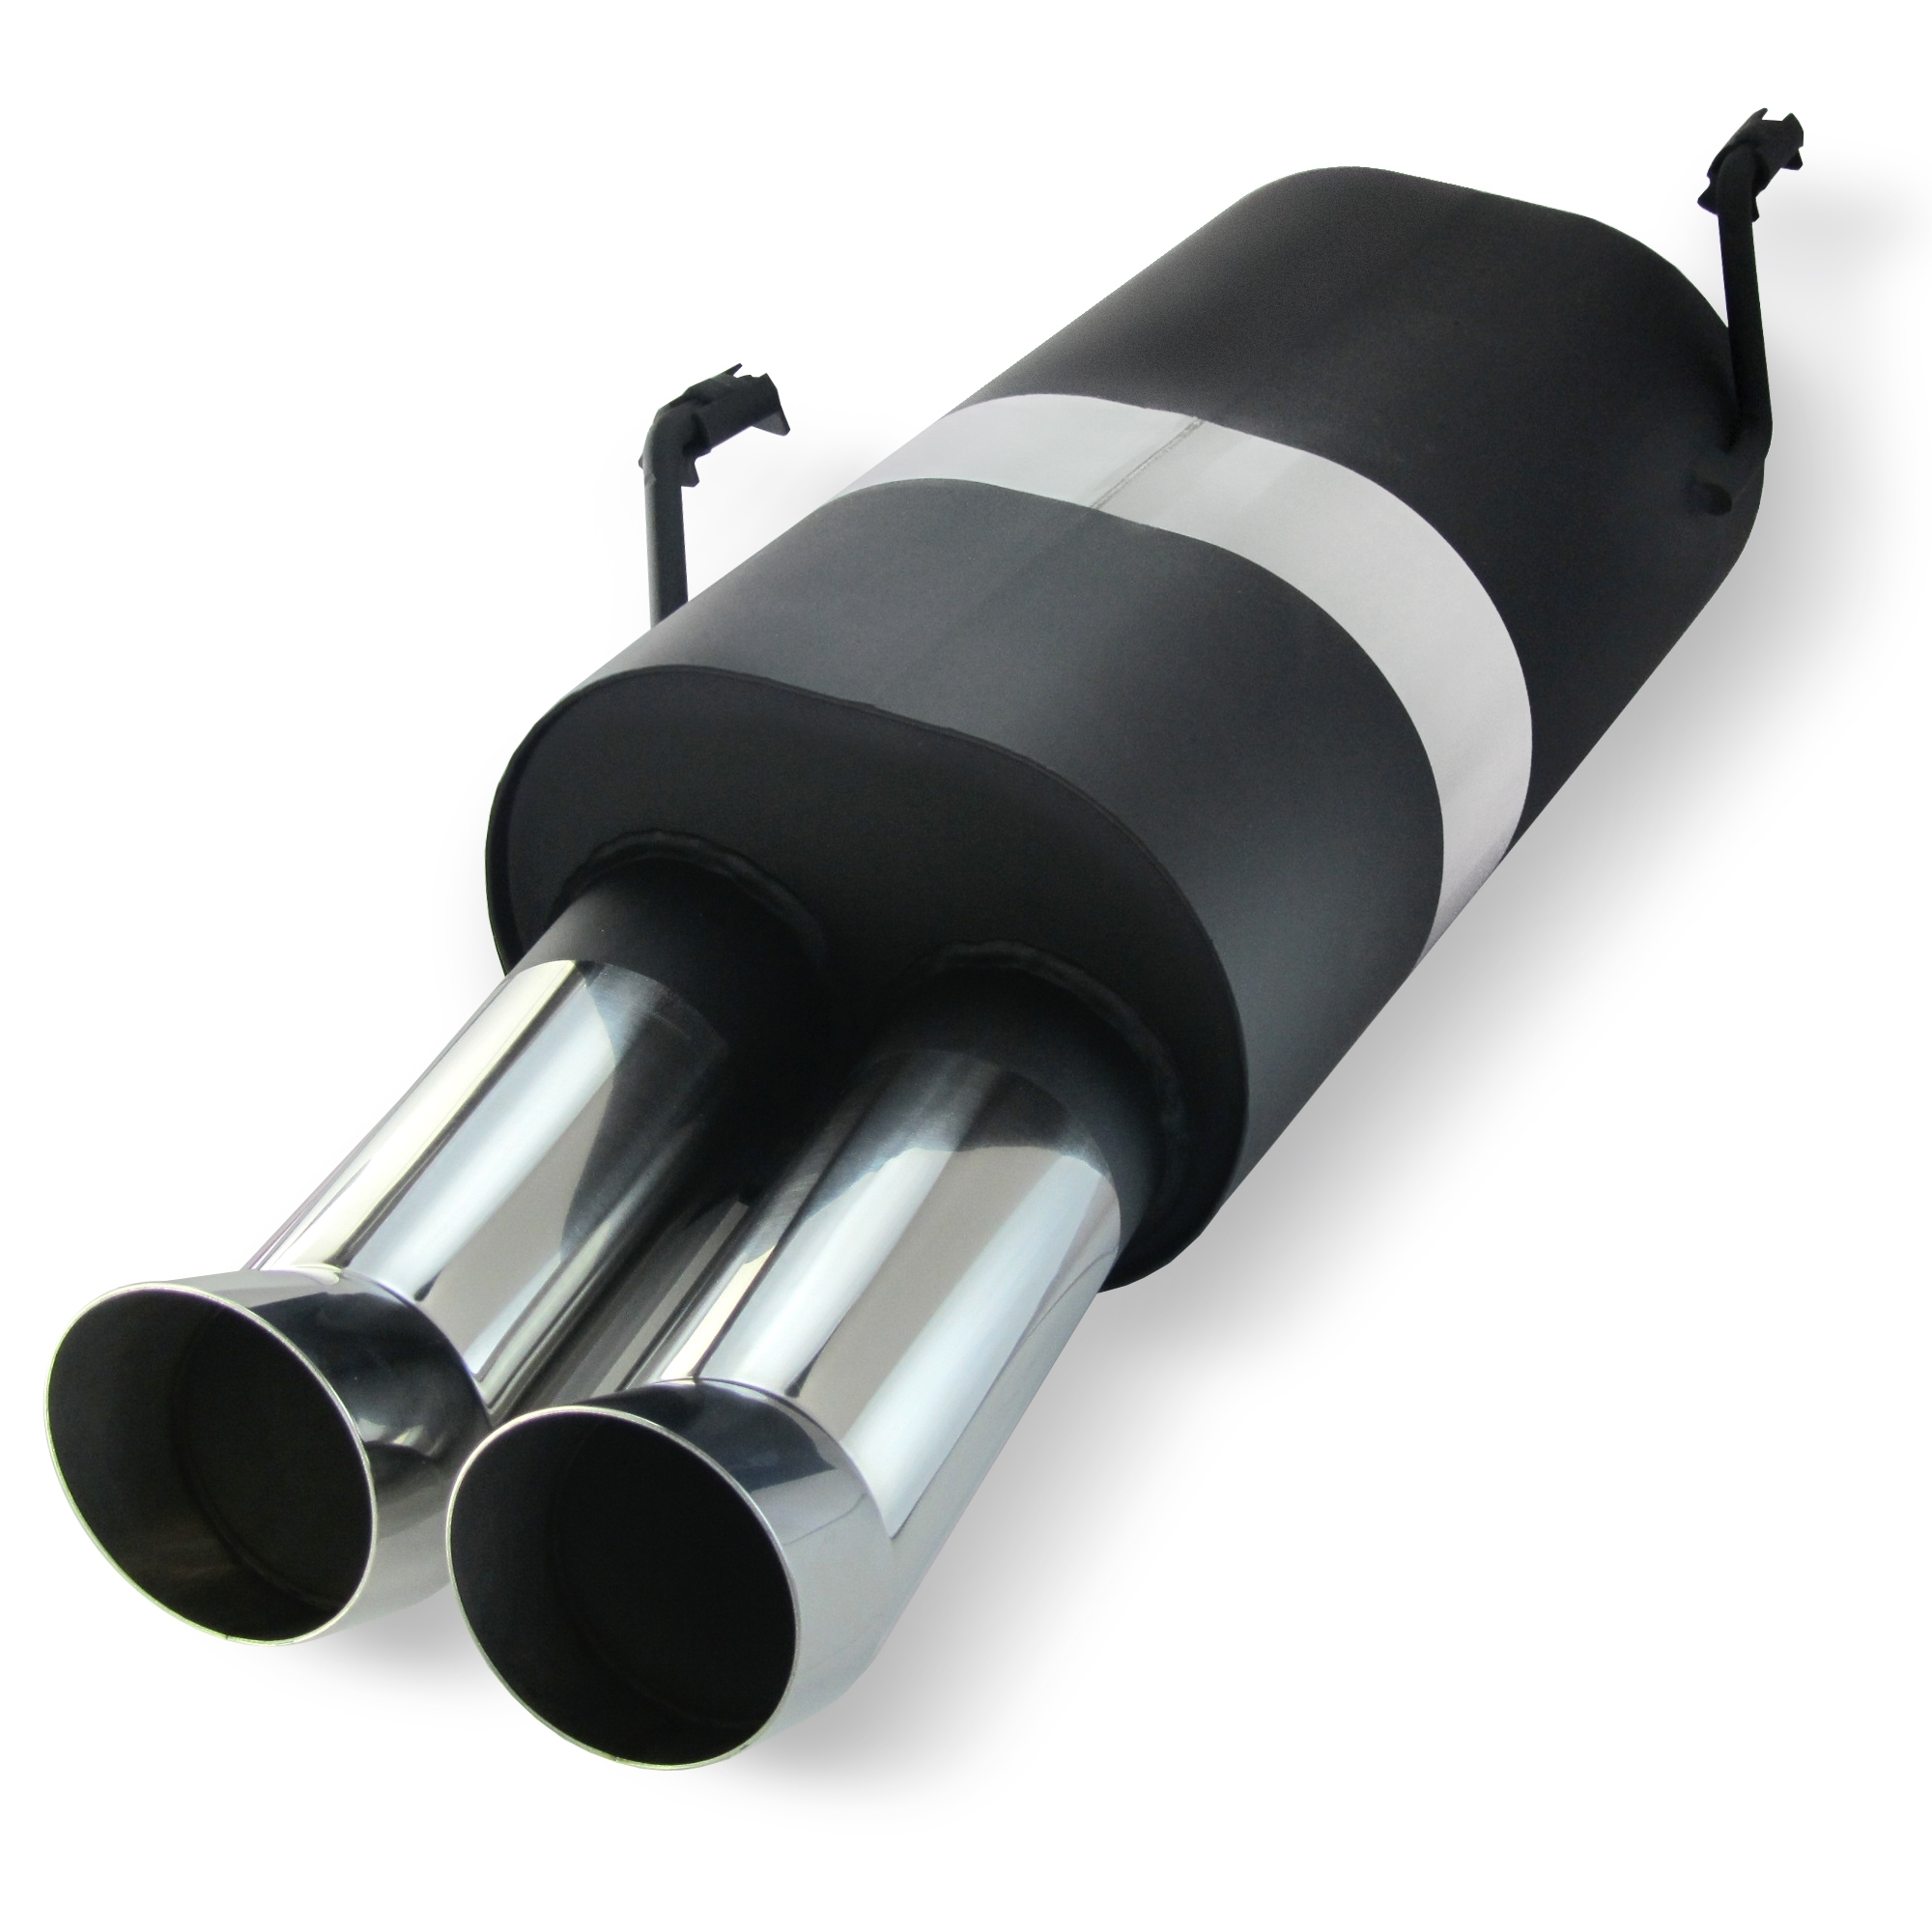 JOM Bagpotte rustfri stål med 2x76 mm afgange - DTM look. Til Peugeot 206 Type 2 årgang 98- Udvendig tilbehør > Udstødning